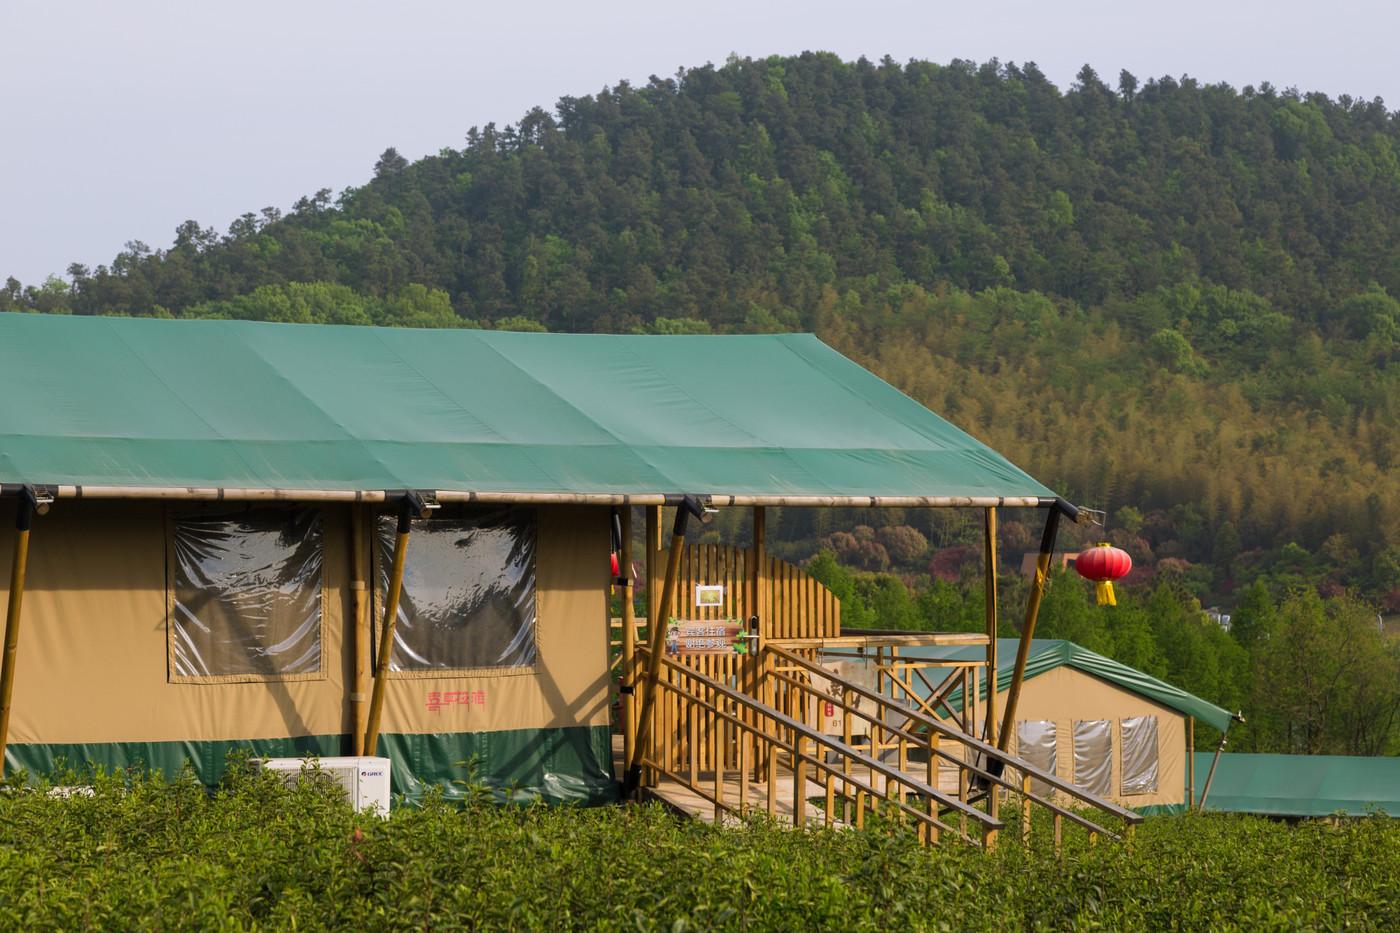 喜马拉雅野奢帐篷酒店—江苏常州茅山宝盛园2期茶田帐篷酒店18